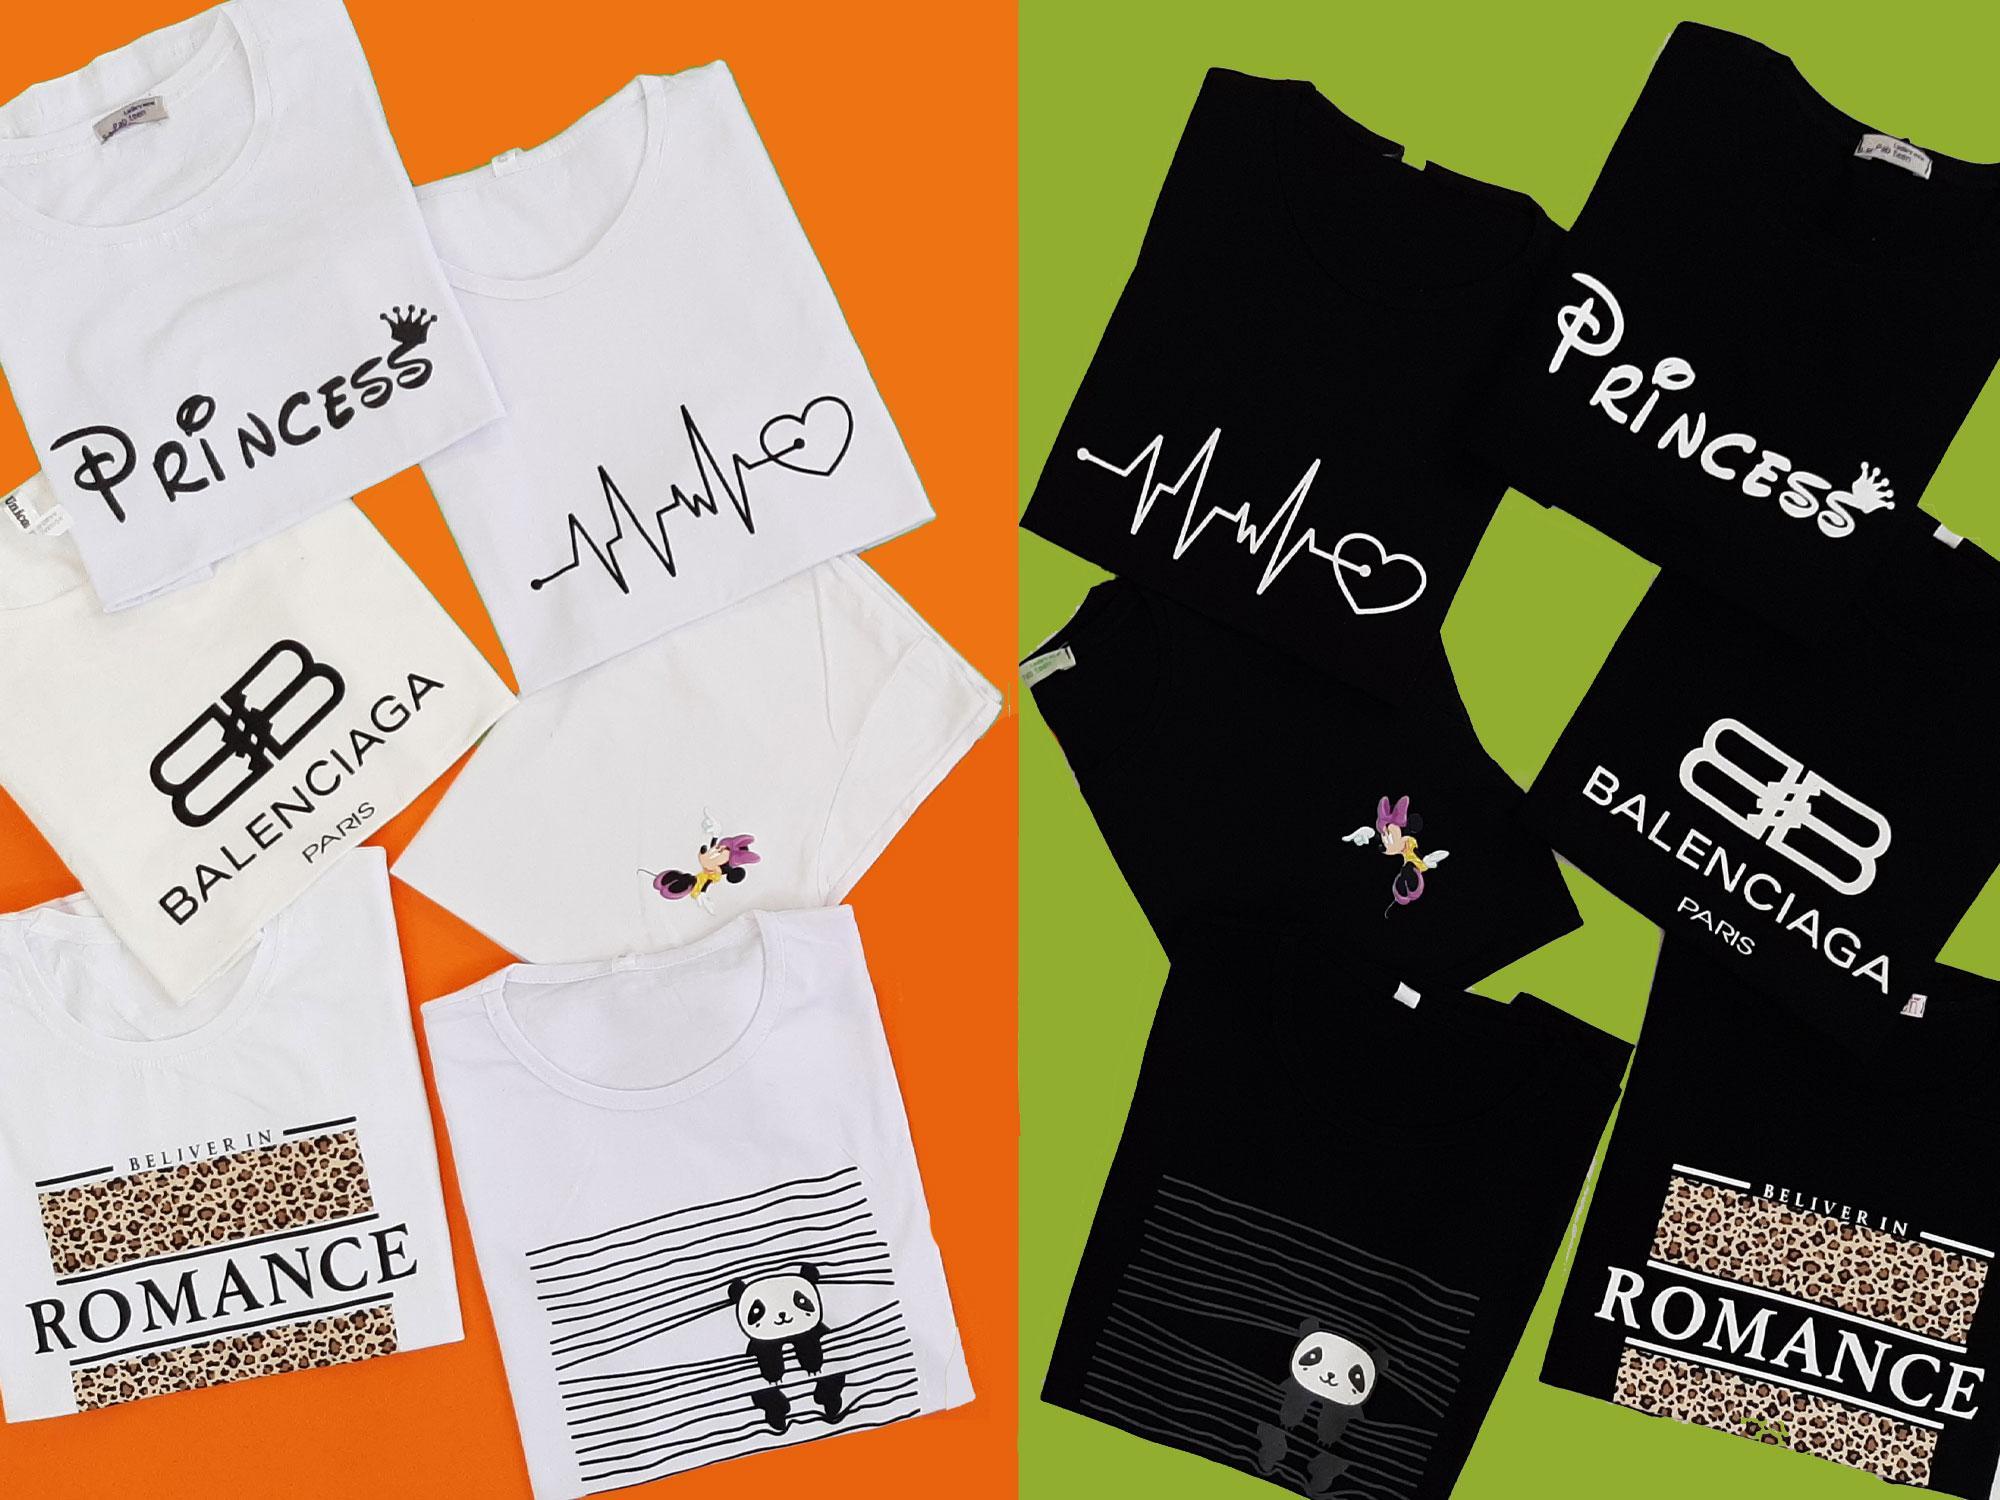 تیشرت های سیاه و سفید